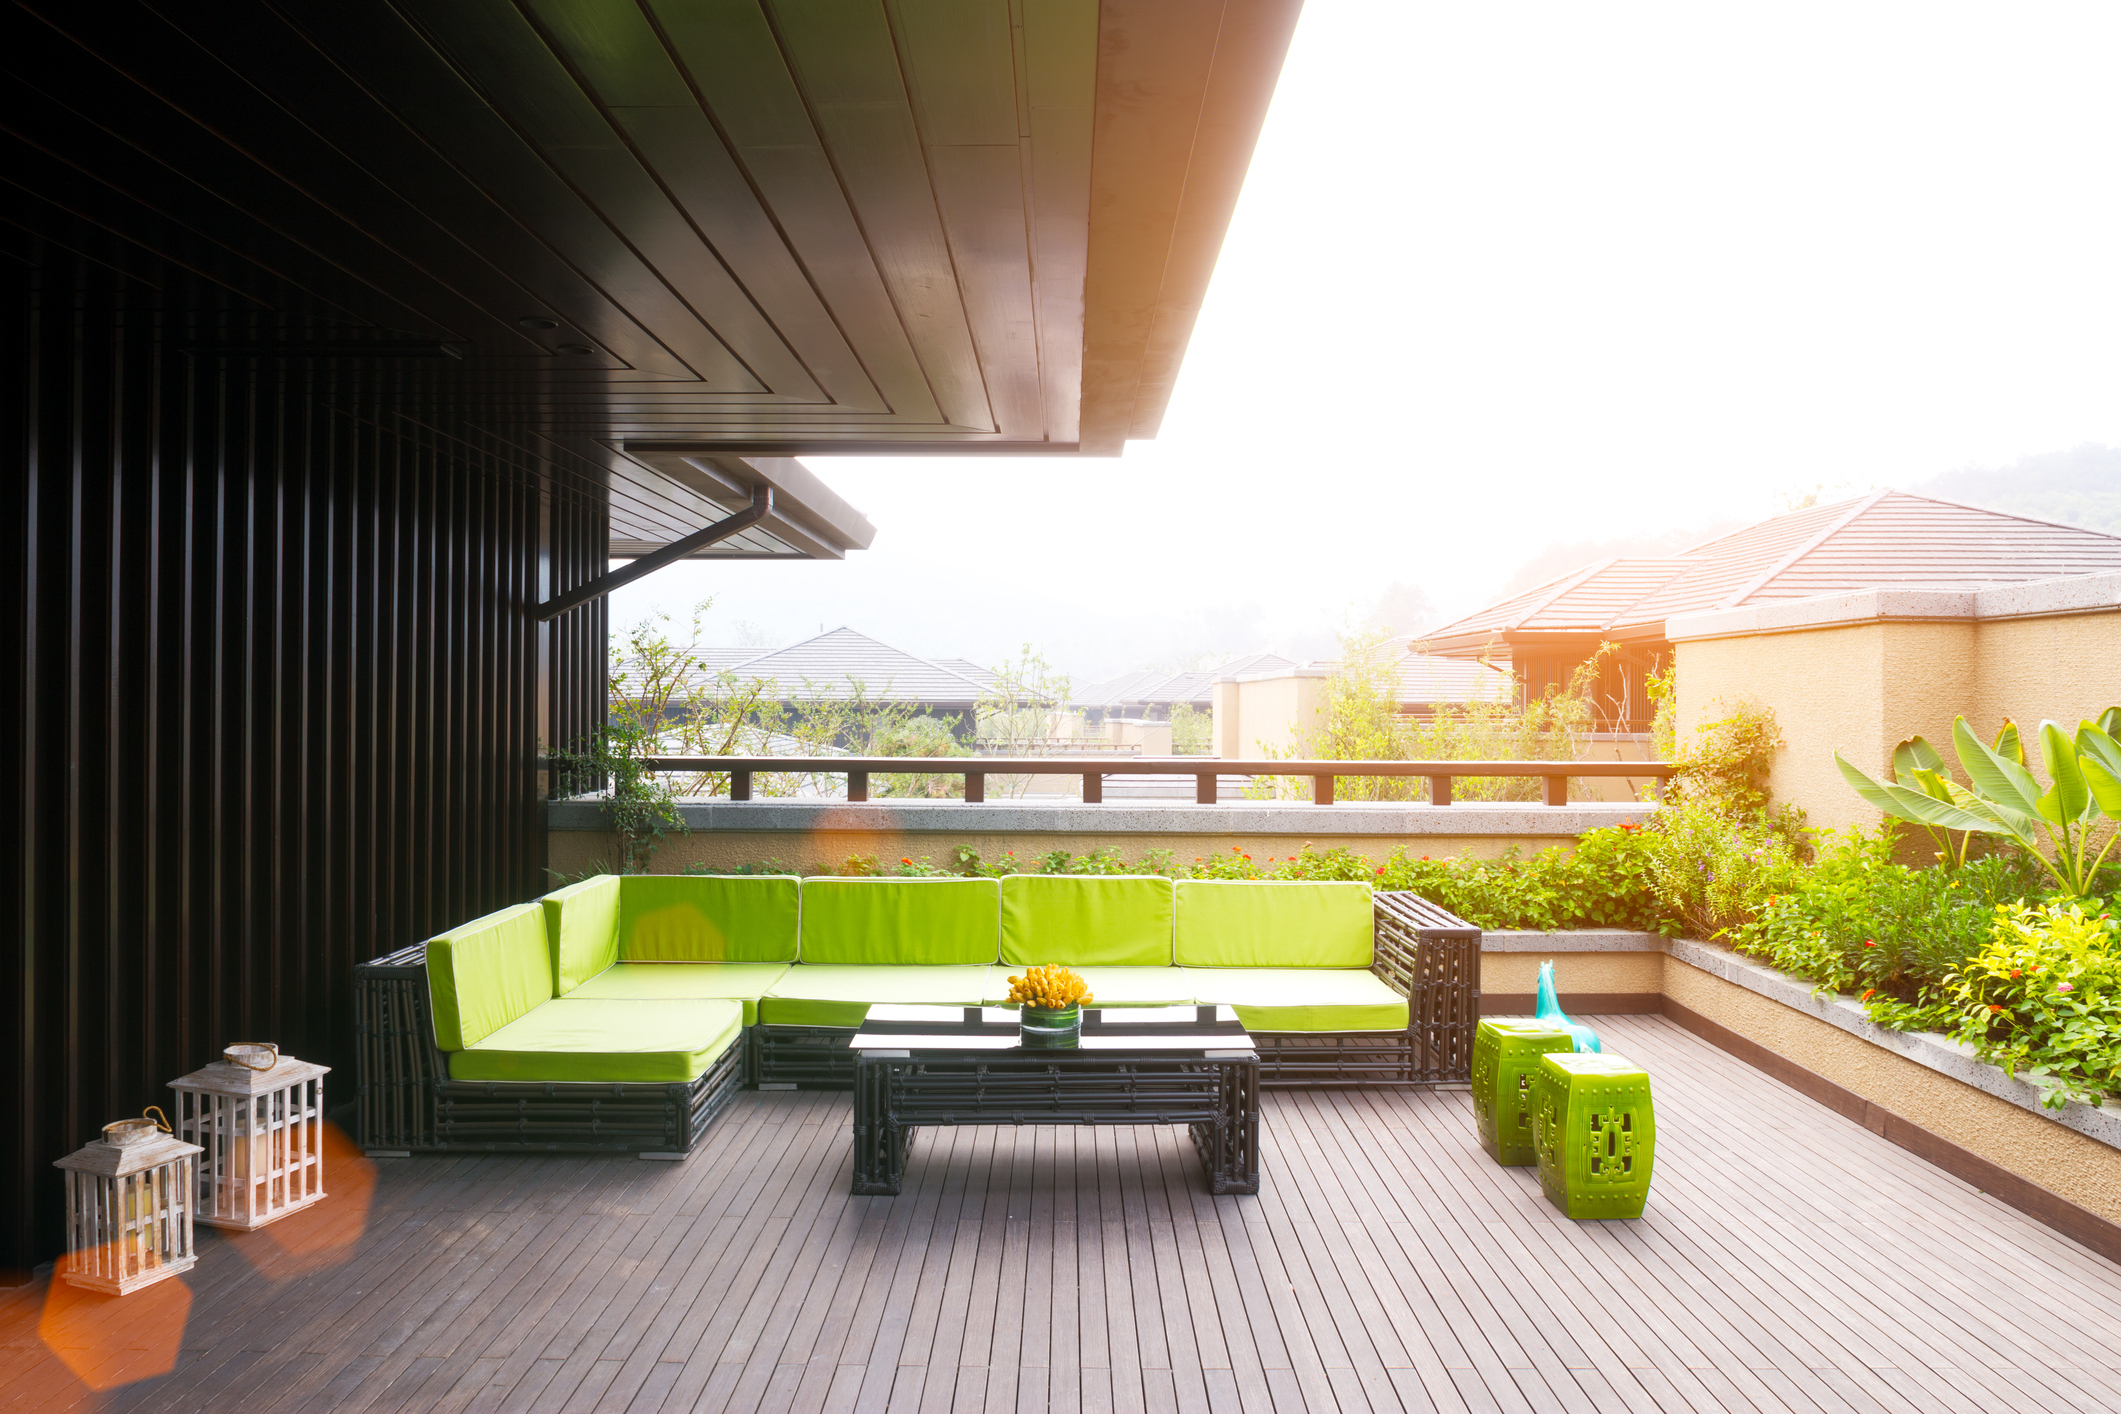 Recinzioni Plastica Per Giardino.Recinzioni Per Giardini E Terrazze Quali Tipi E Quali